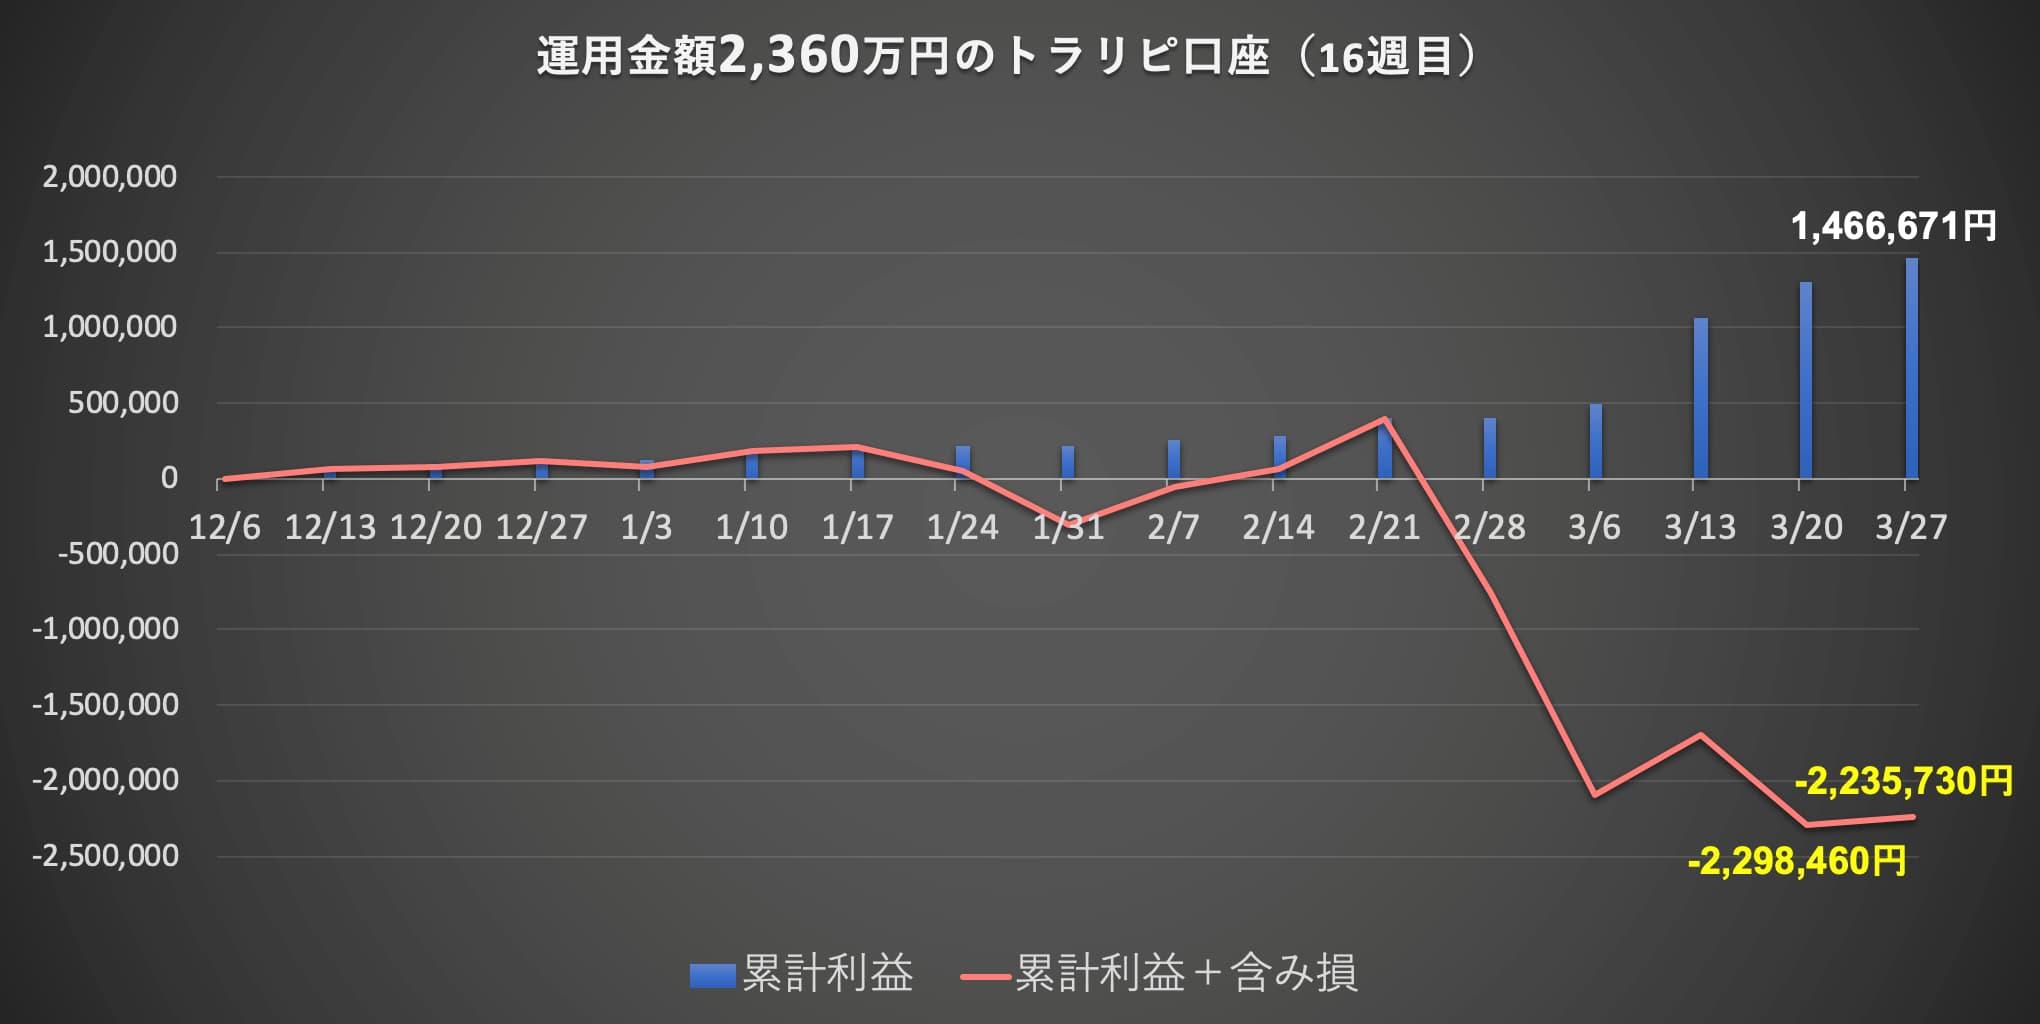 トラリピ2000万円利益グラフ